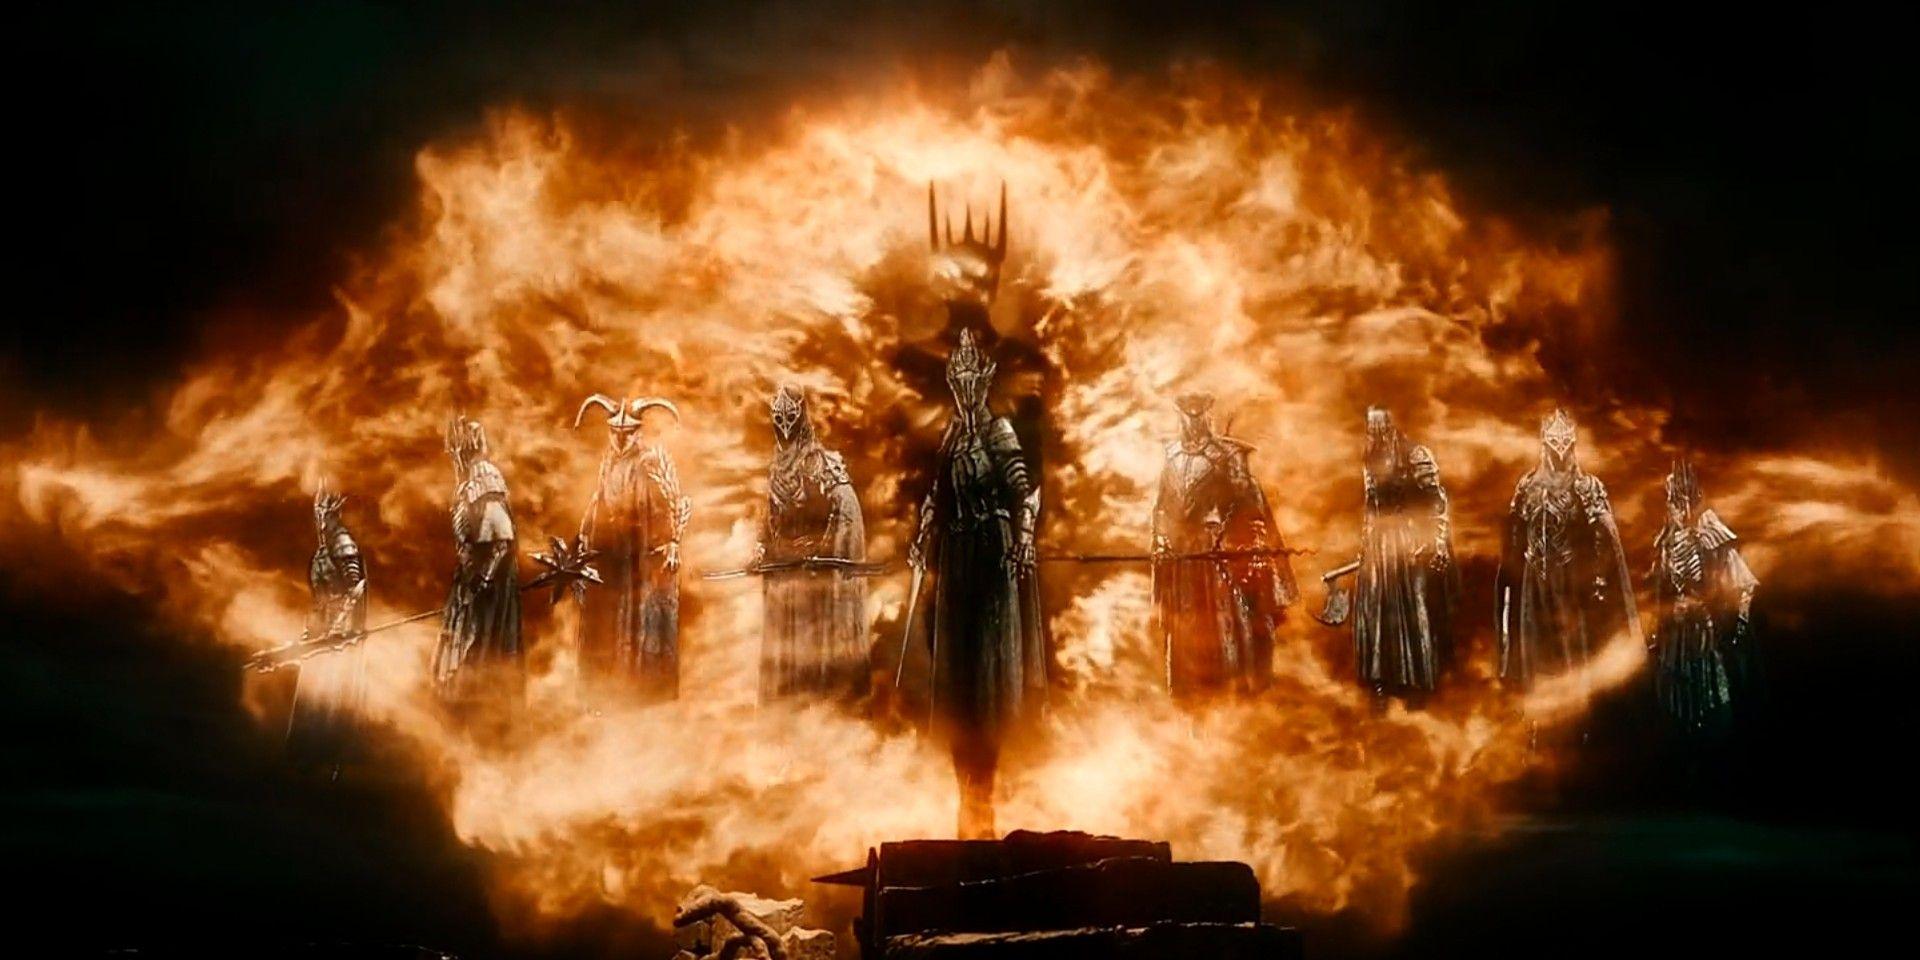 O Senhor dos Anéis: Como Sauron se tornou o Necromante em O Hobbit 2